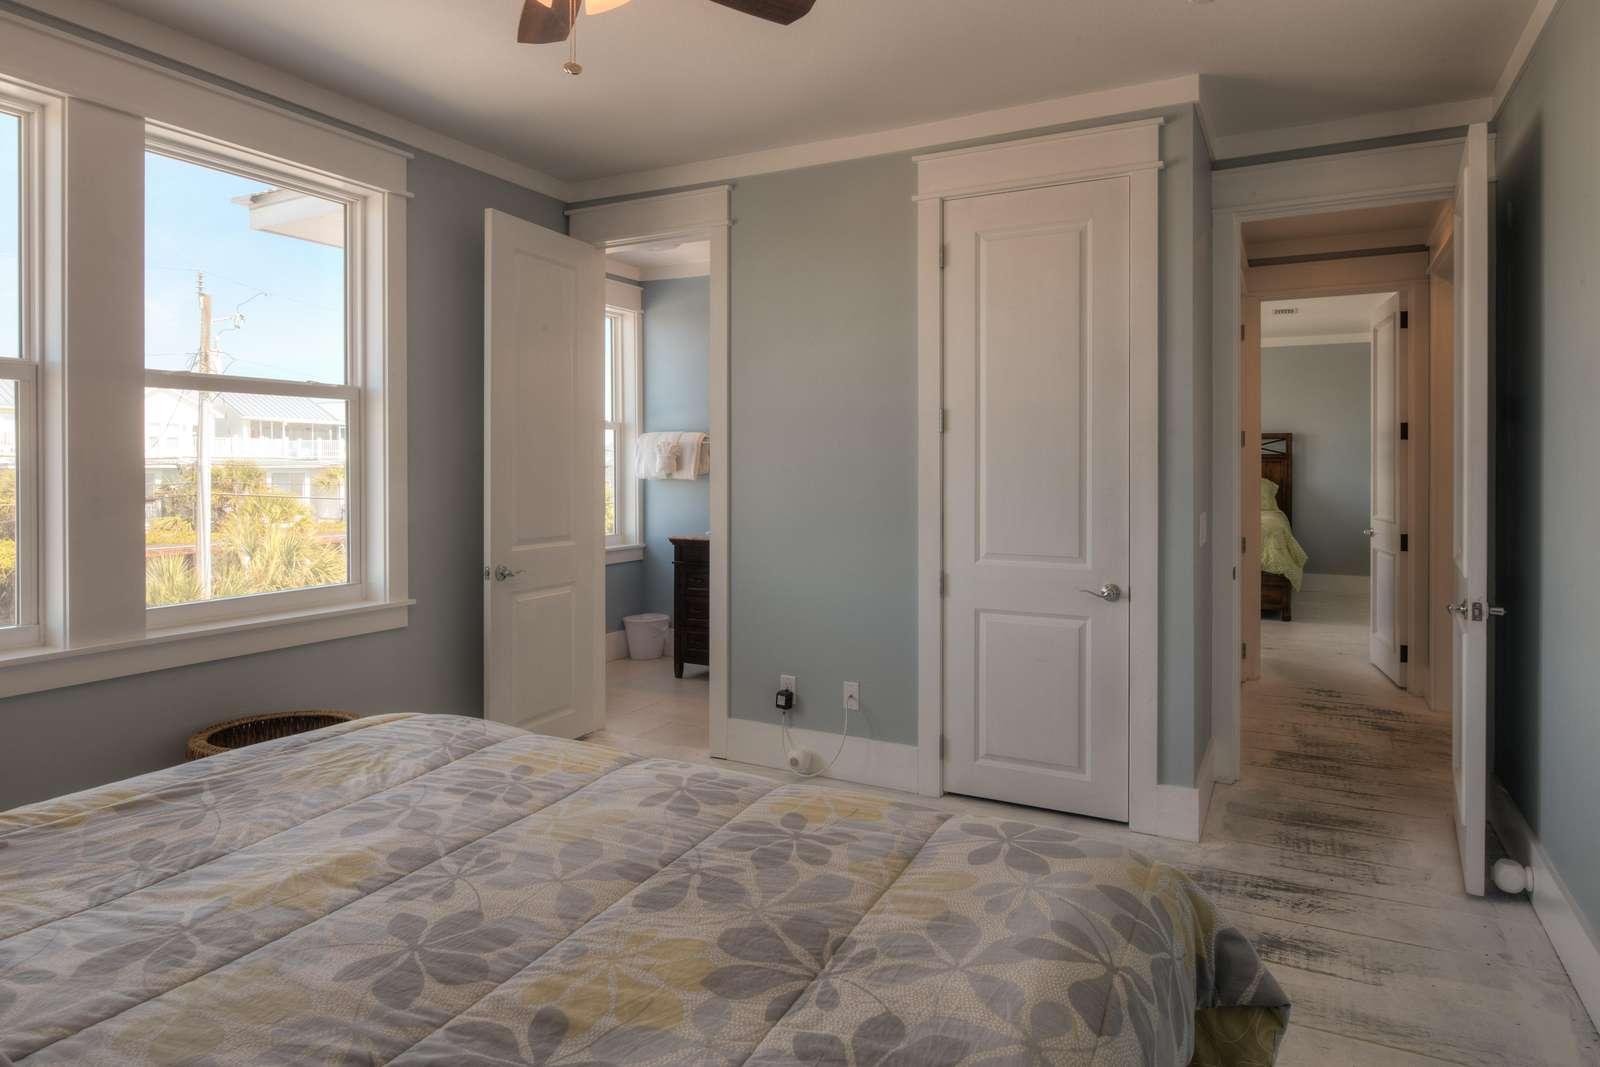 King Bedroom 6 - View 2